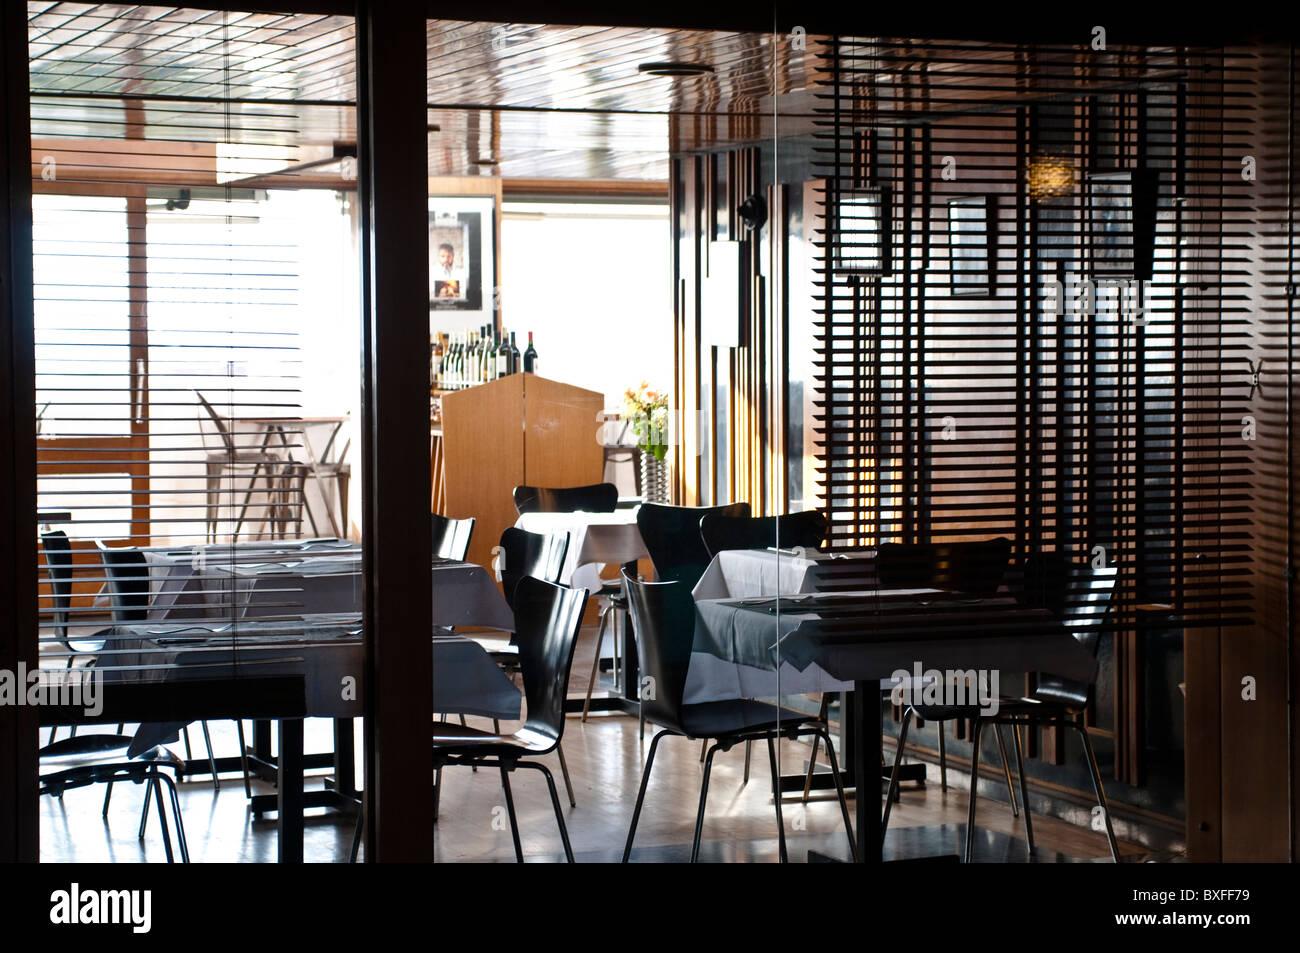 Restaurant, Unite d'Habitation by Le Corbusier, Marseille, France - Stock Image